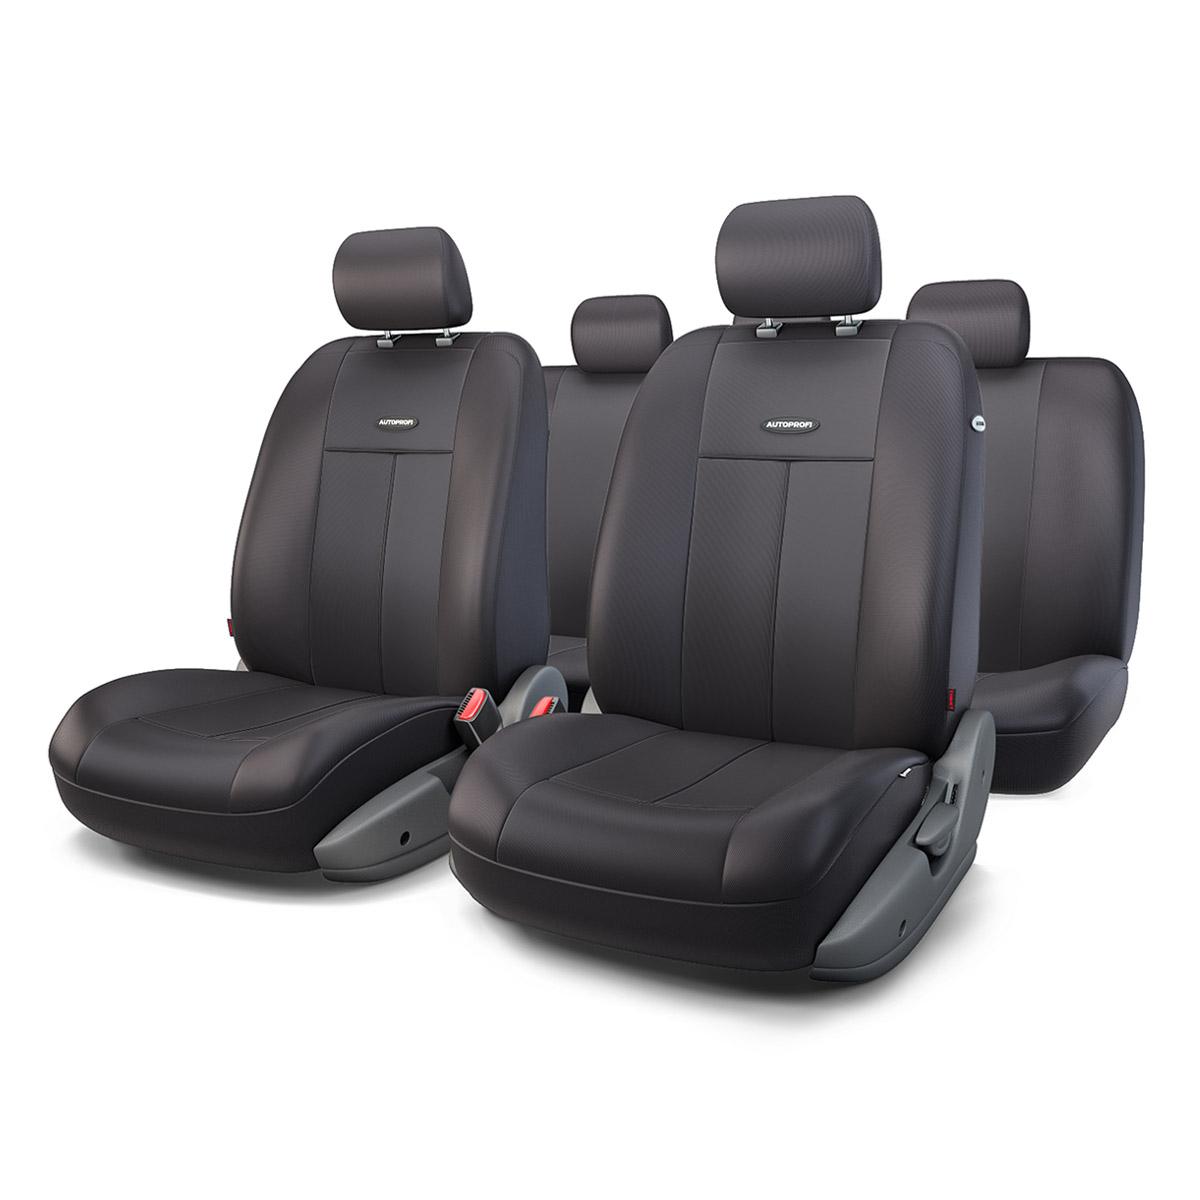 Чехол на сиденье Autoprofi Tt-902p bk/bk чехлы на сиденья autoprofi автомобильные чехлы tt tt 902m bk bl